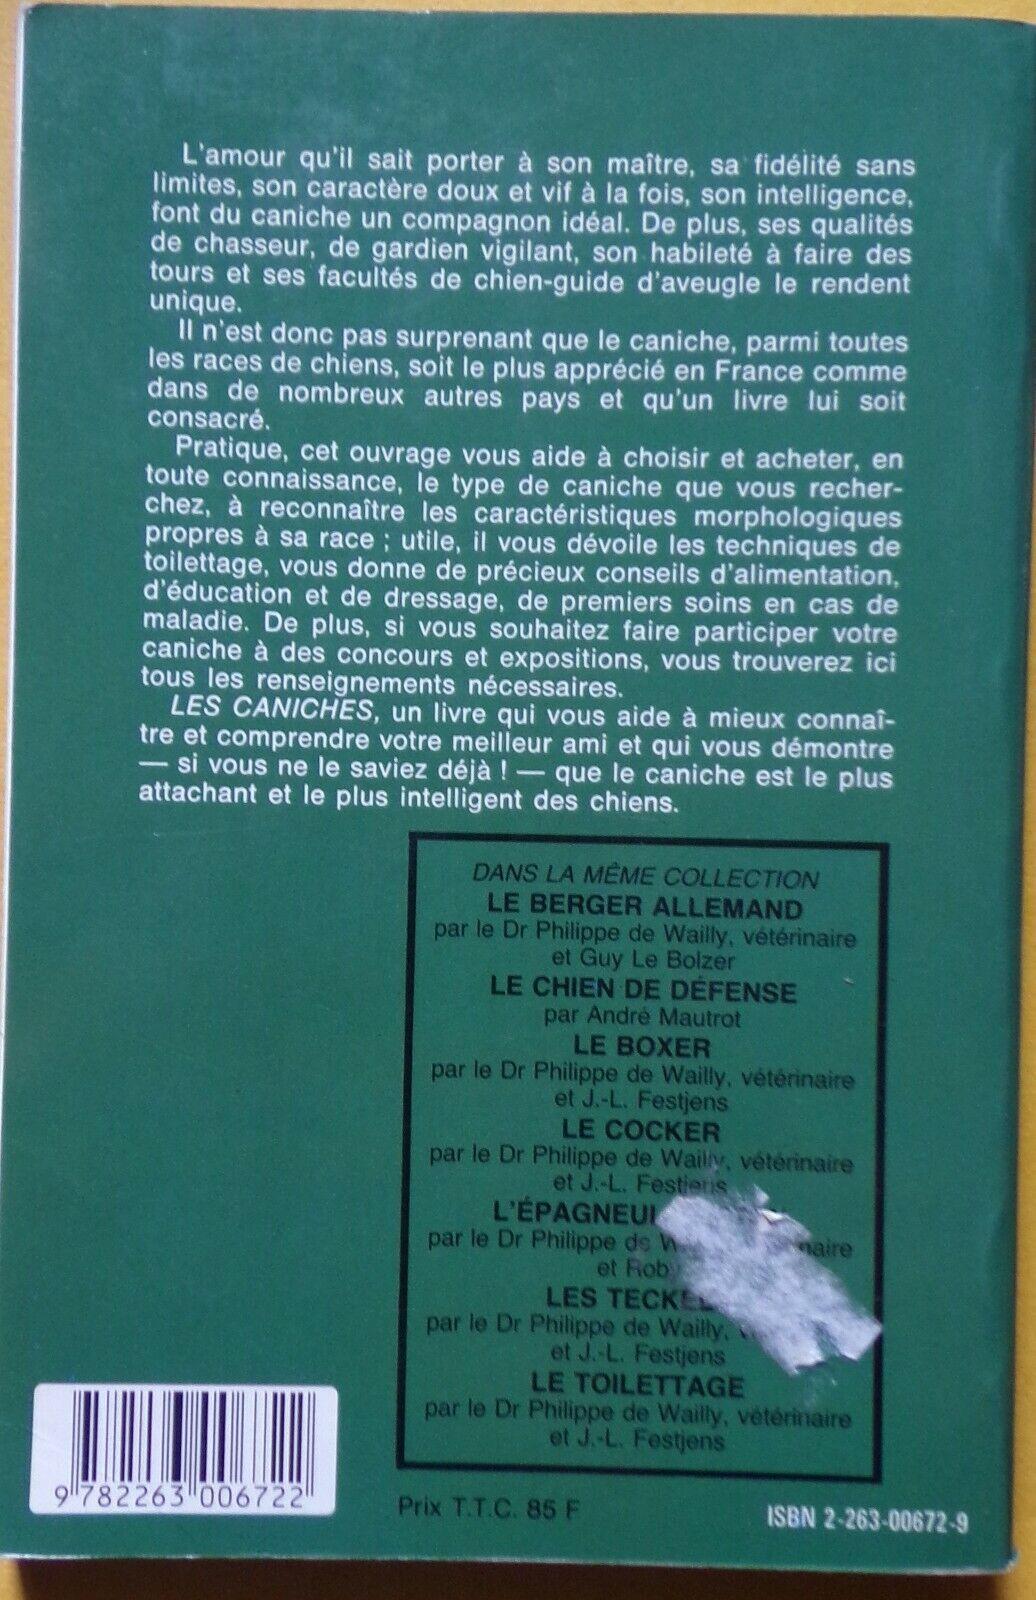 § livre les caniches - p. de wailly, j.l. festjens